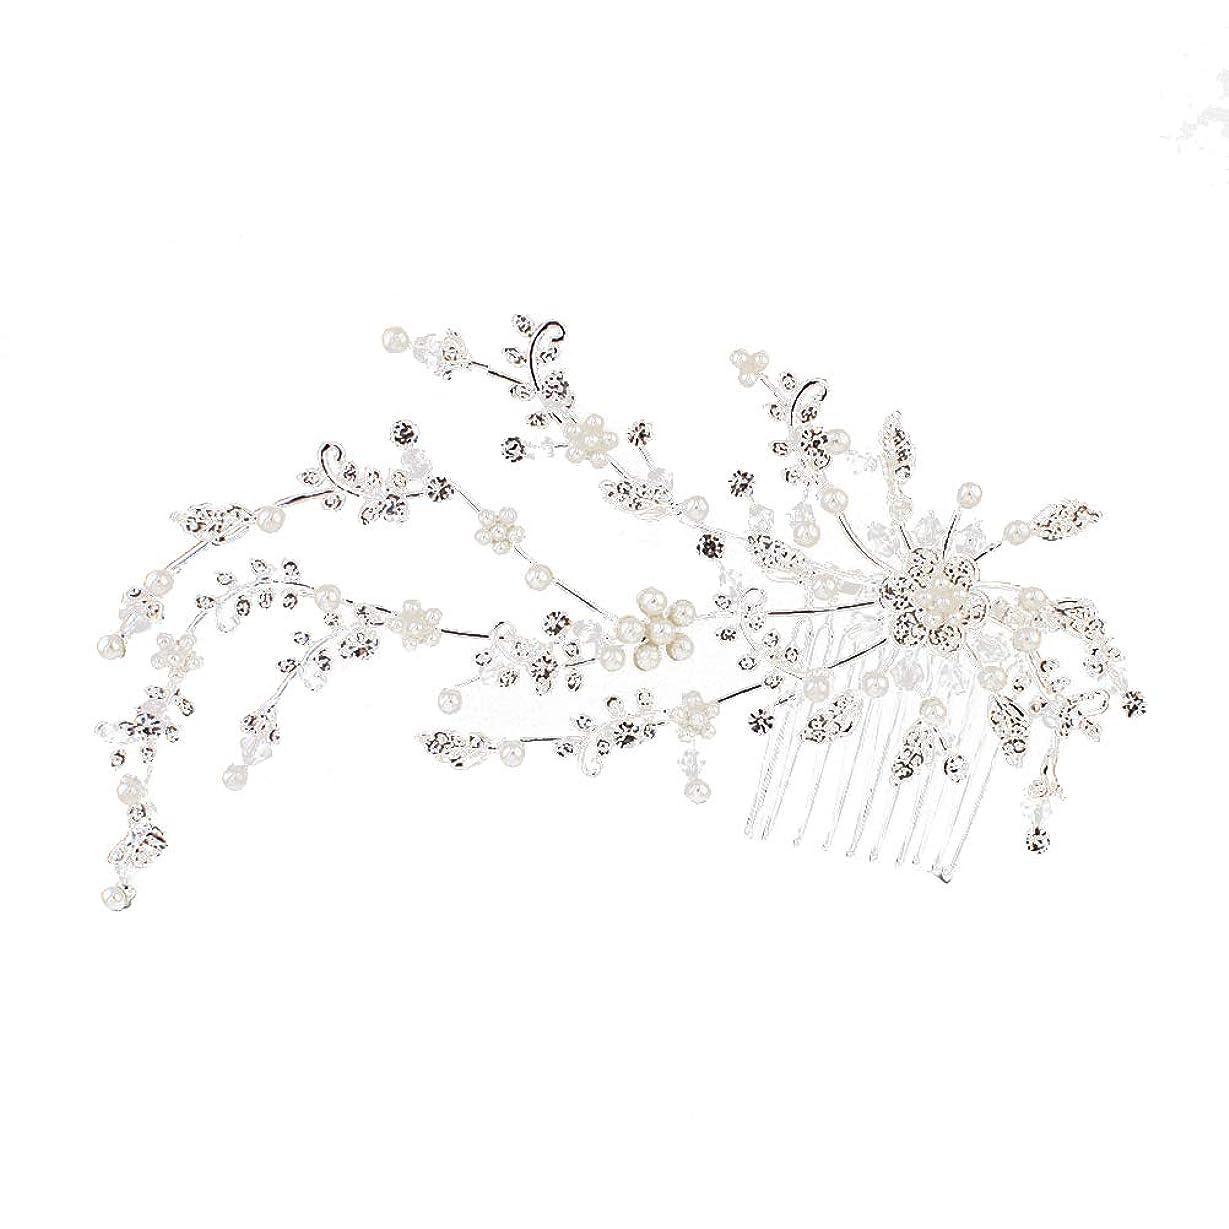 半円ミリメートル扱いやすいLURROSE クリスタルラインストーンヘアコームのかかった真珠ビーズダイヤモンドヘアピース合金の花のヘッドドレス手作りティアラウェディングブライダルヘアアクセサリーヘアピン用女性装飾ギフト